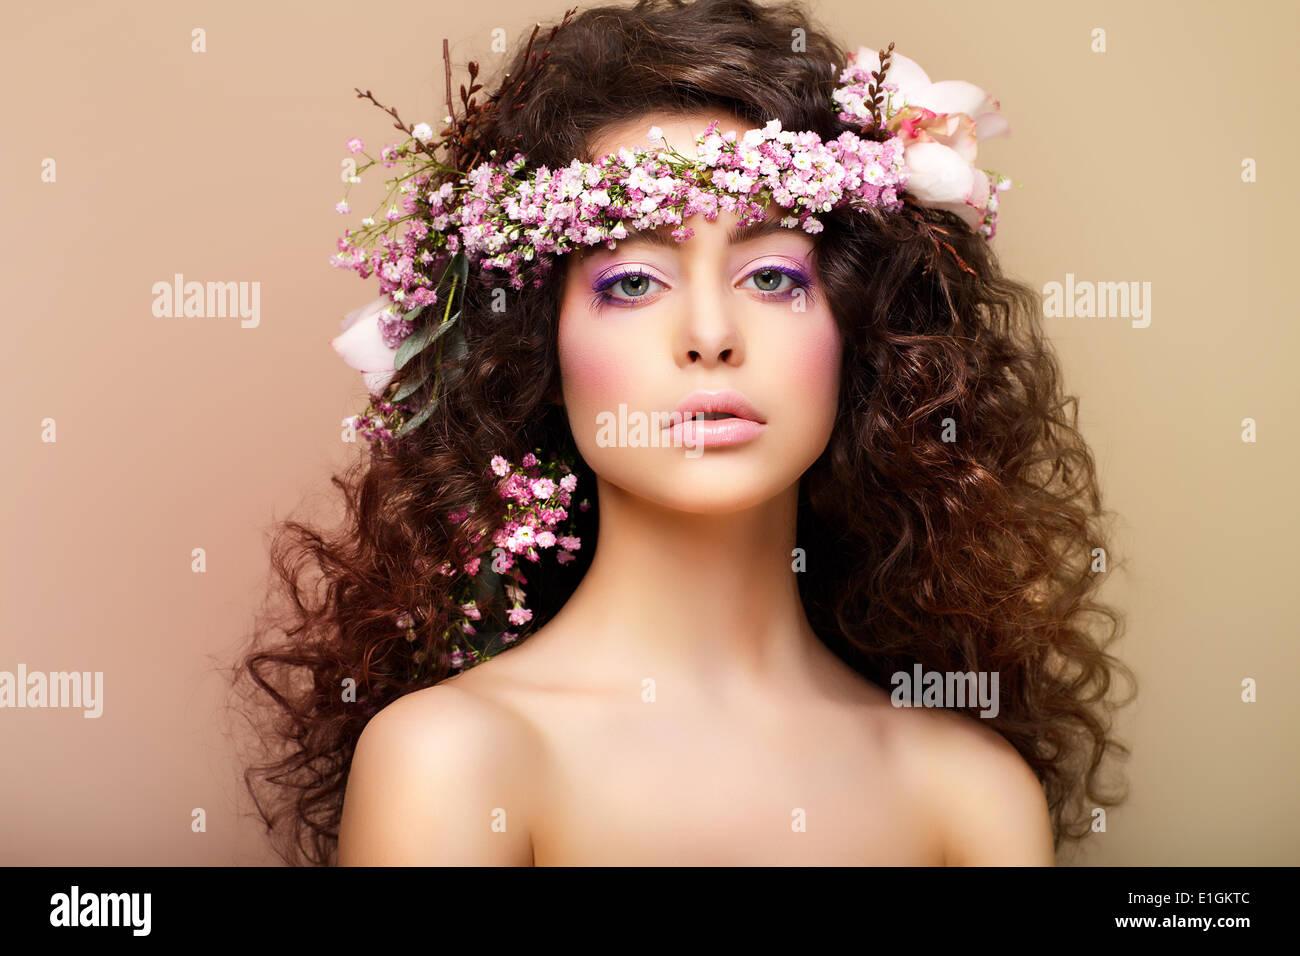 La purezza. La freschezza. La verginità. Attraente affascinante donna con capelli crespi Immagini Stock